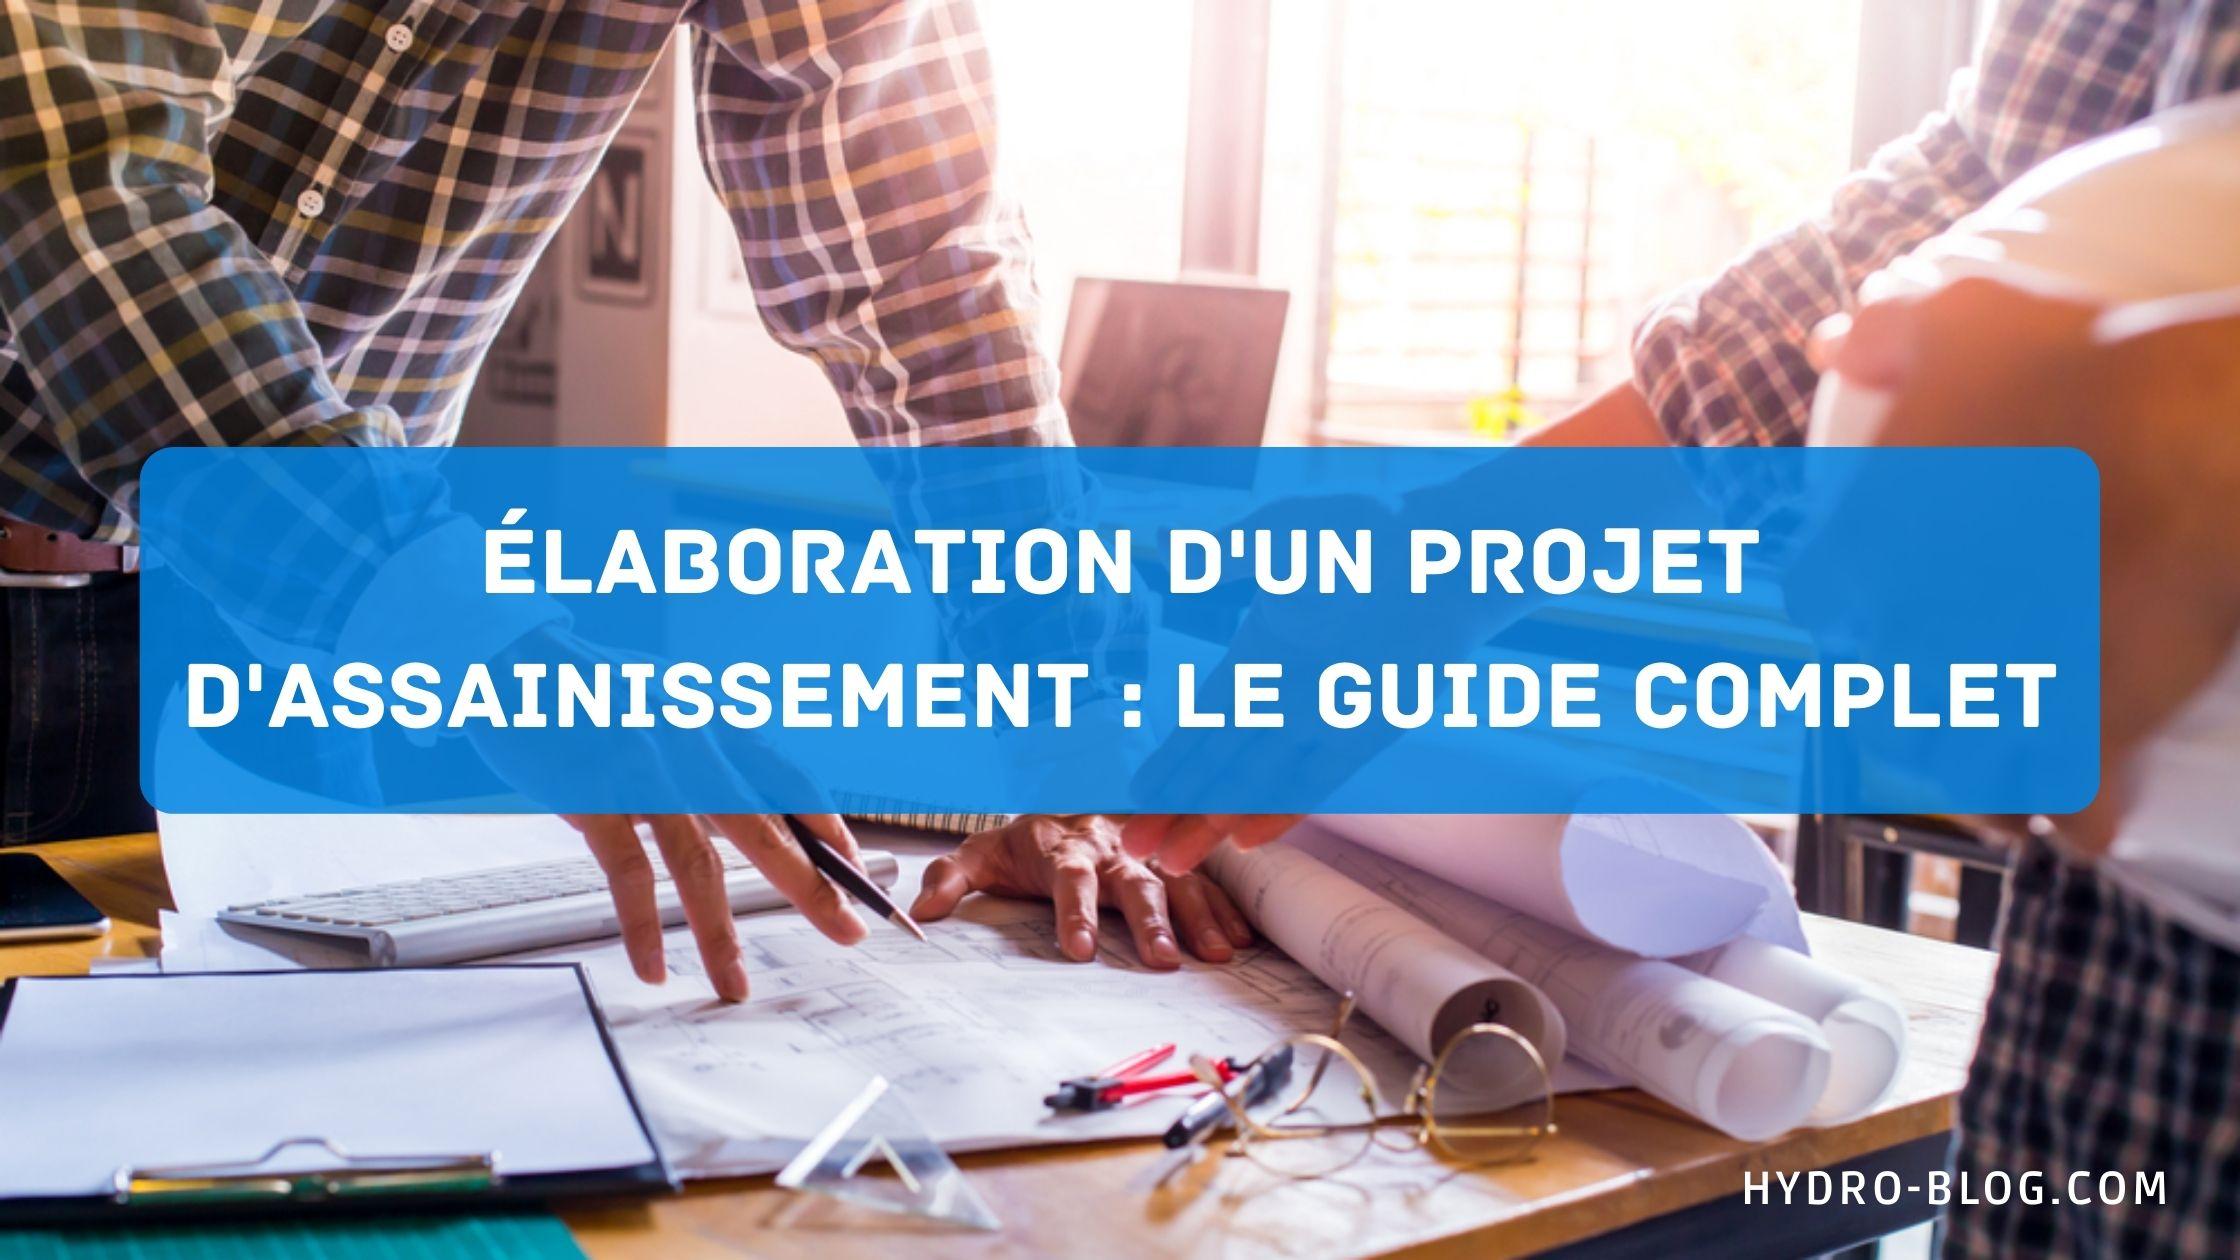 Élaboration d'un projet d'assainissement : Le guide complet